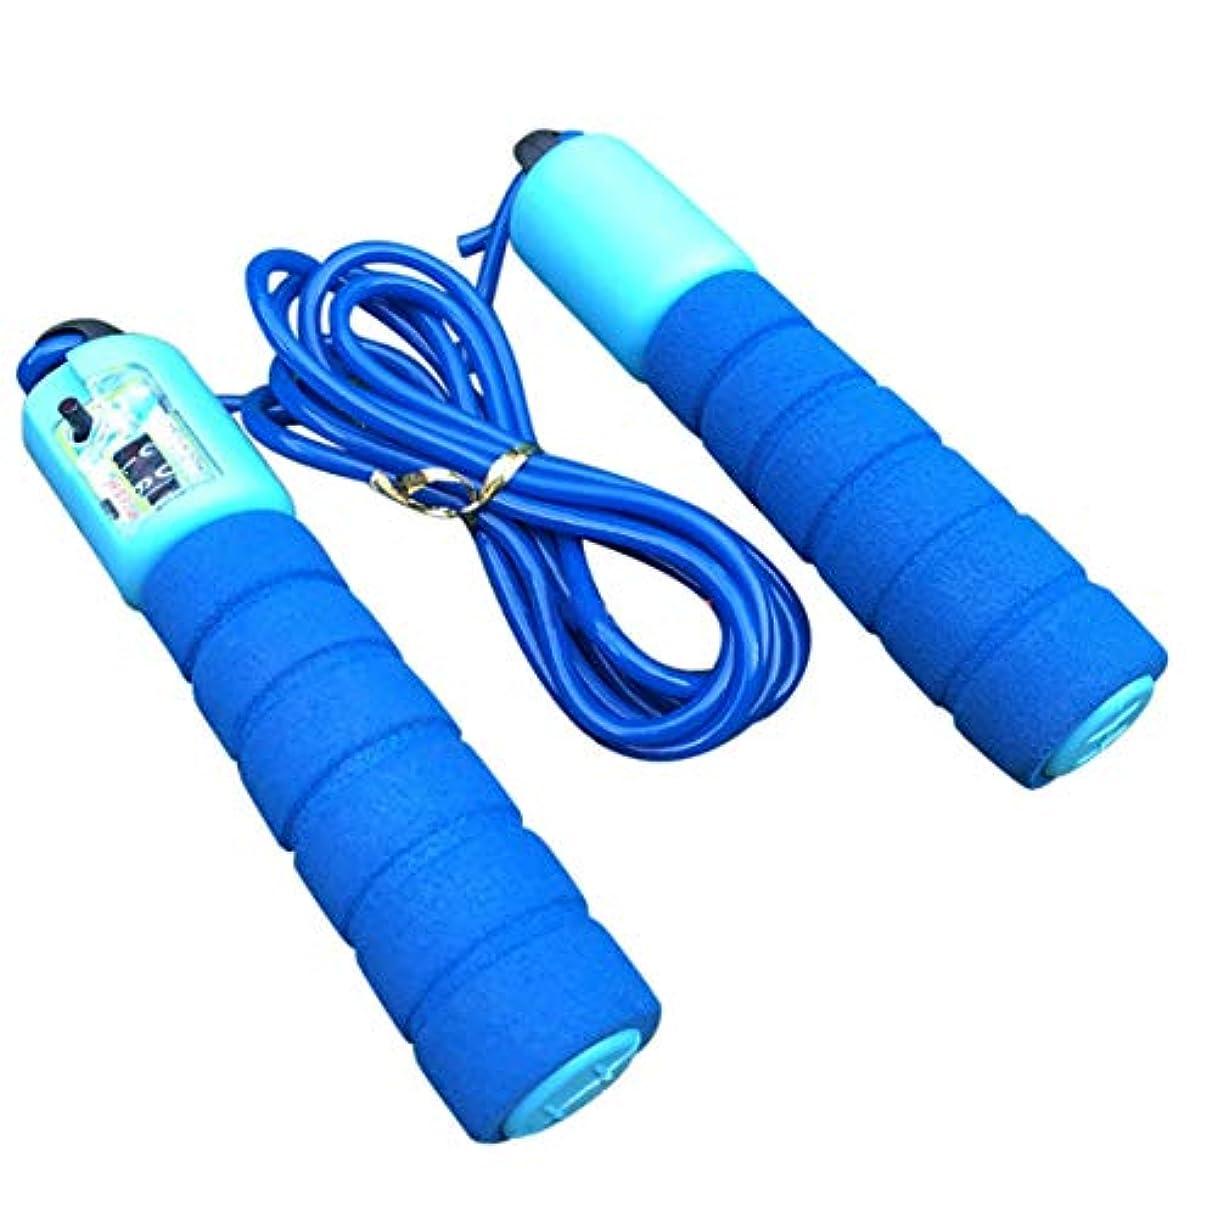 細いピンプロテスタント調整可能なプロフェッショナルカウント縄跳び自動カウントジャンプロープフィットネス運動高速カウントジャンプロープ - 青